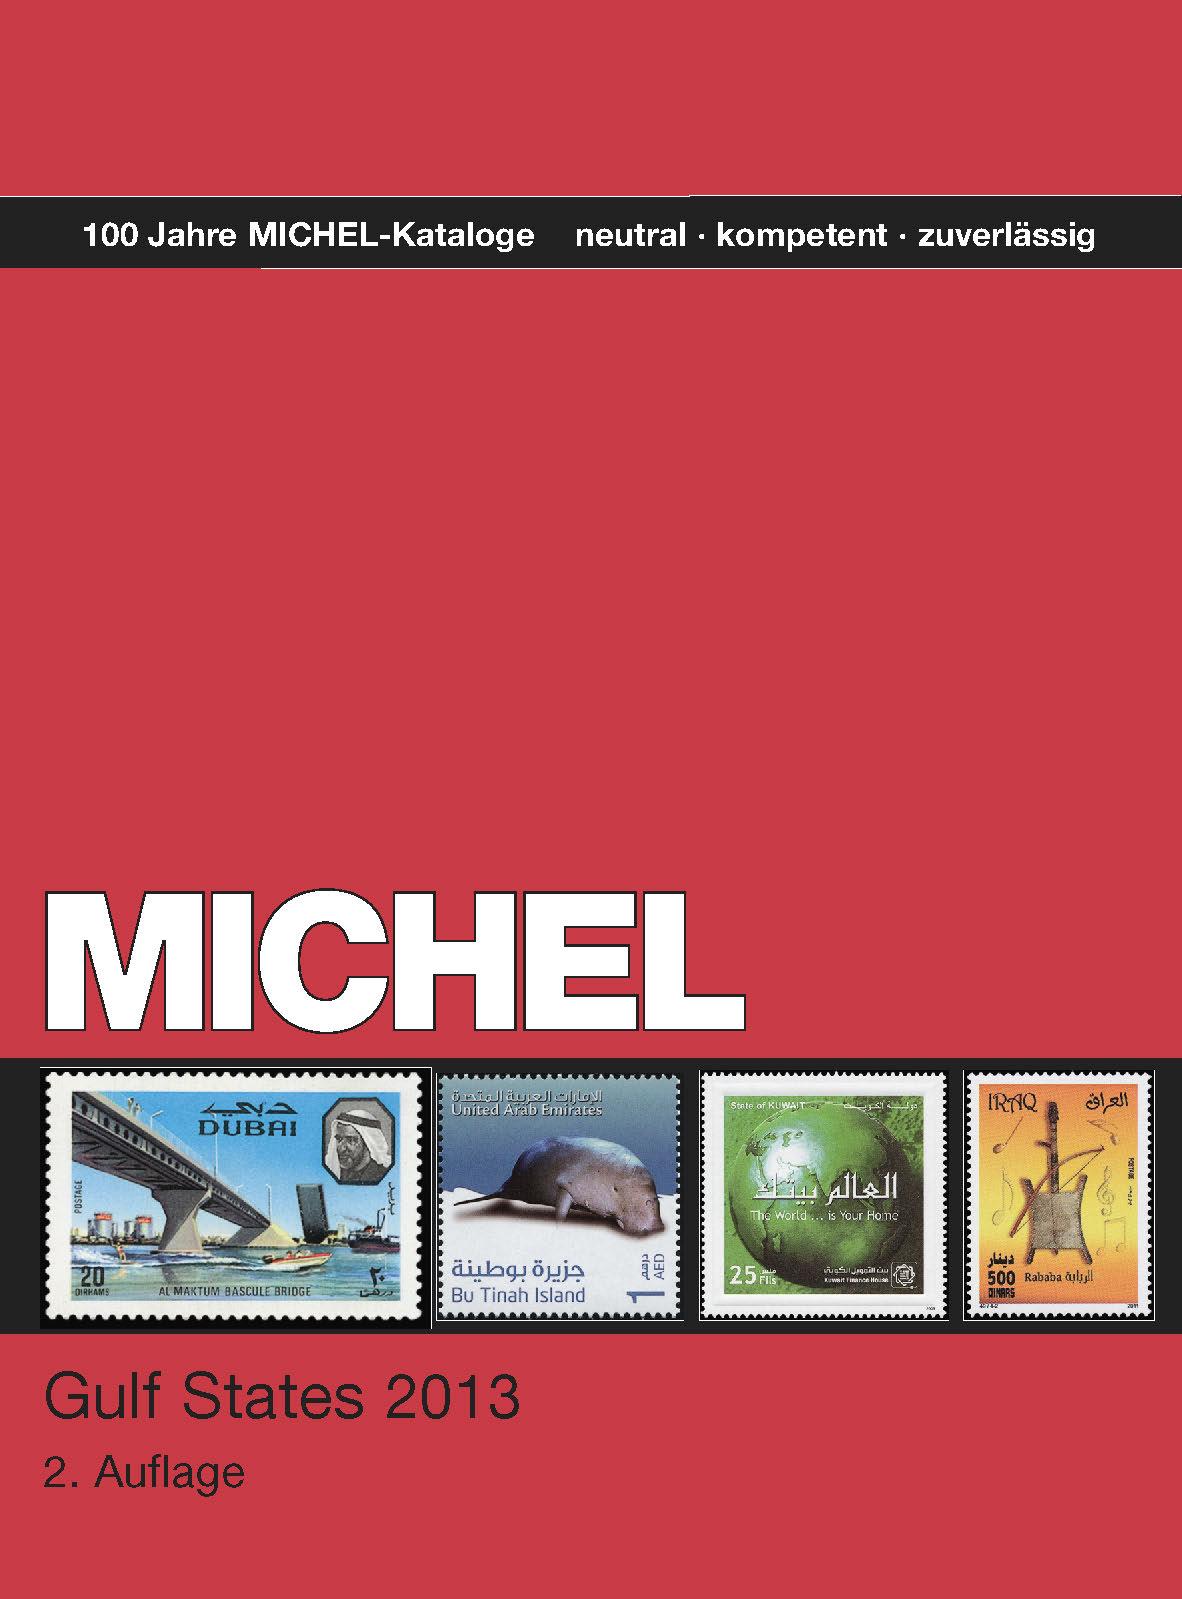 MICHEL Gulf States 2013 2. Auflage  + gratis Leuchtlupe 5x